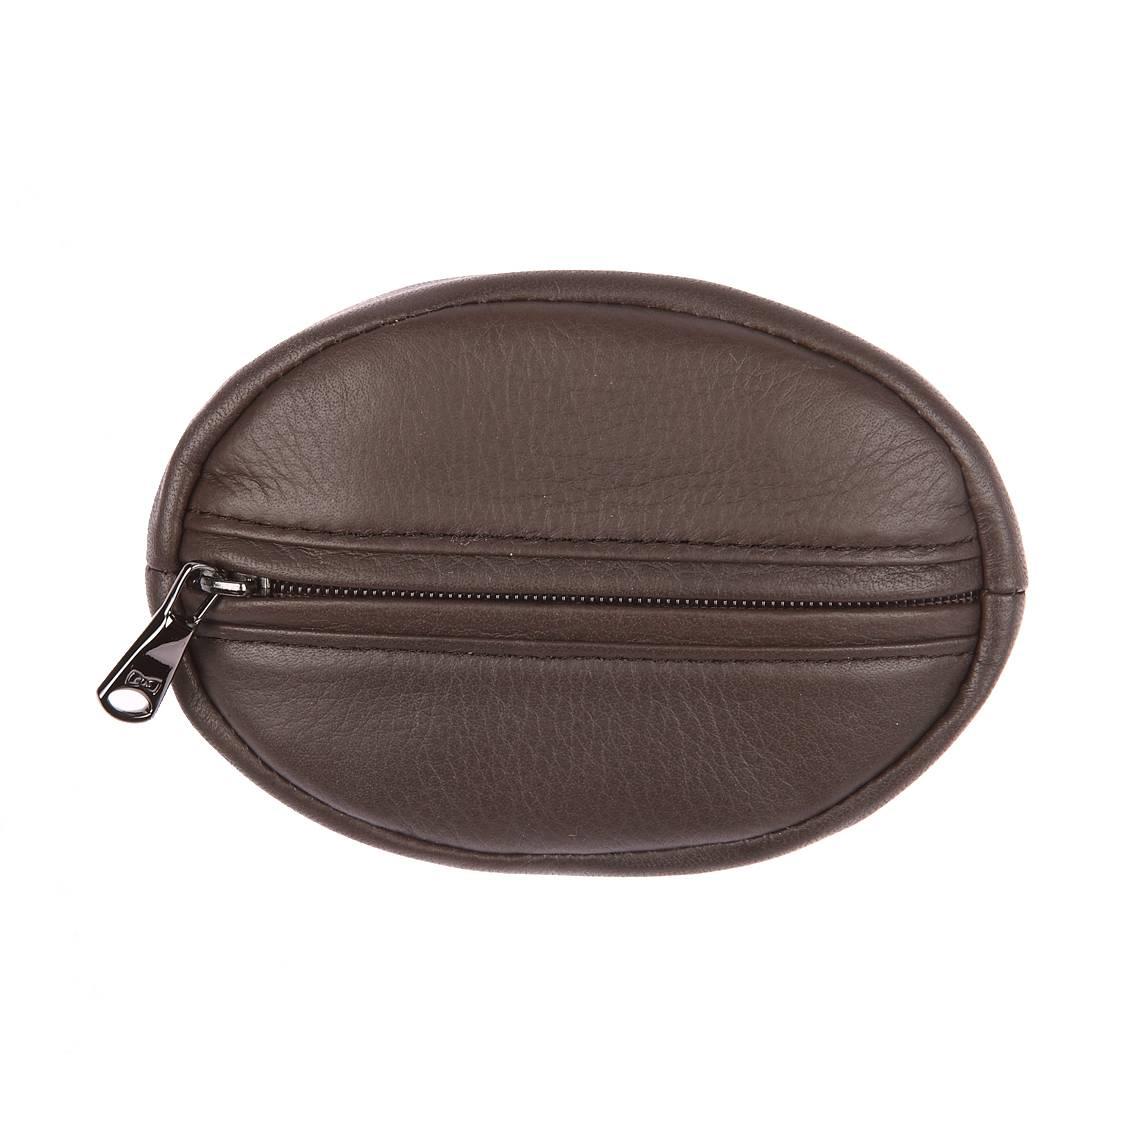 Porte monnaie ovale  en cuir de vachette marron